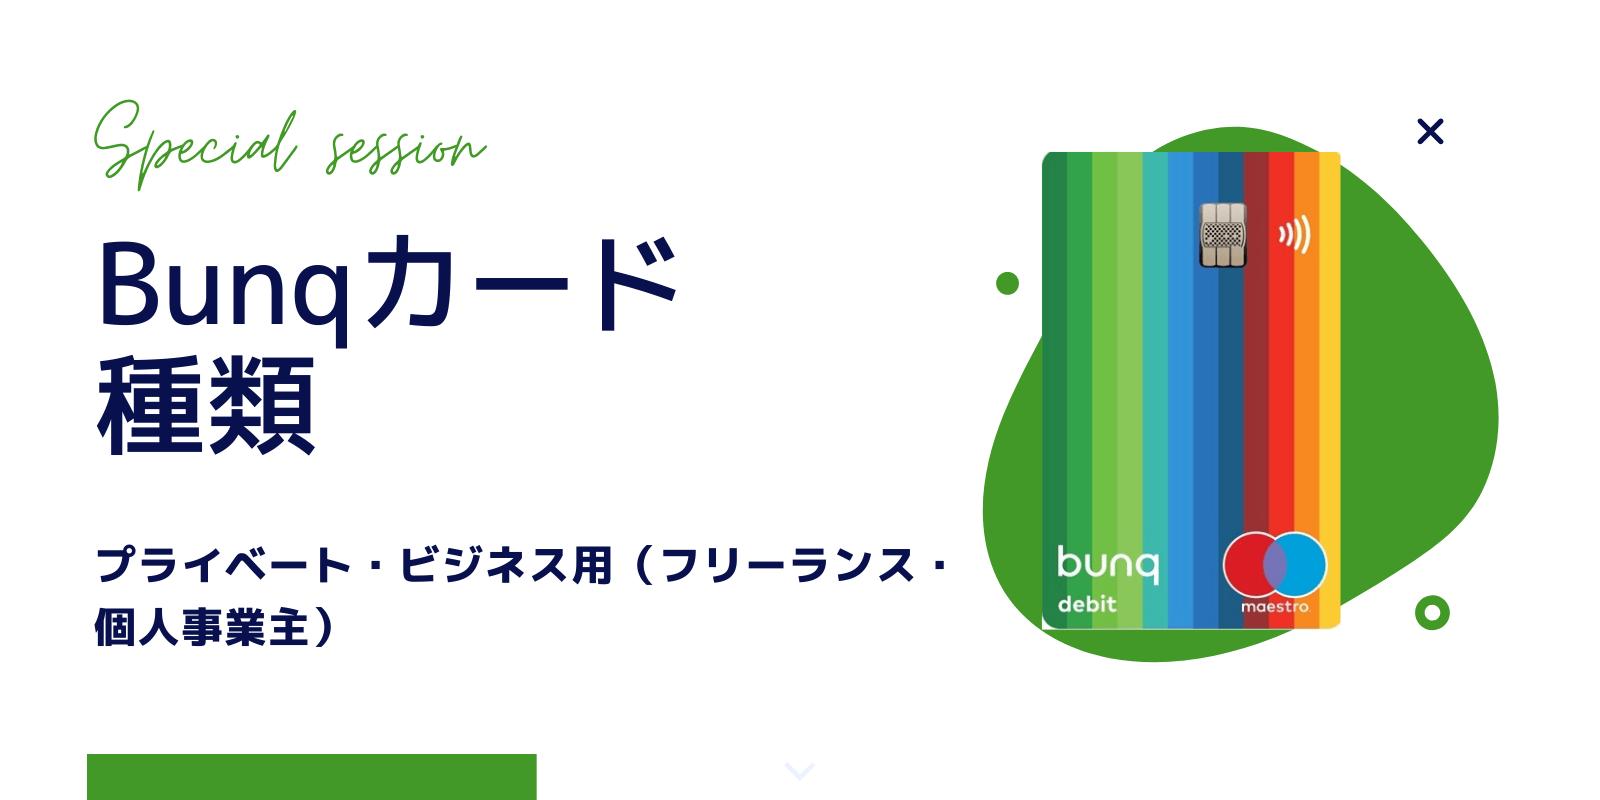 Bunq カード